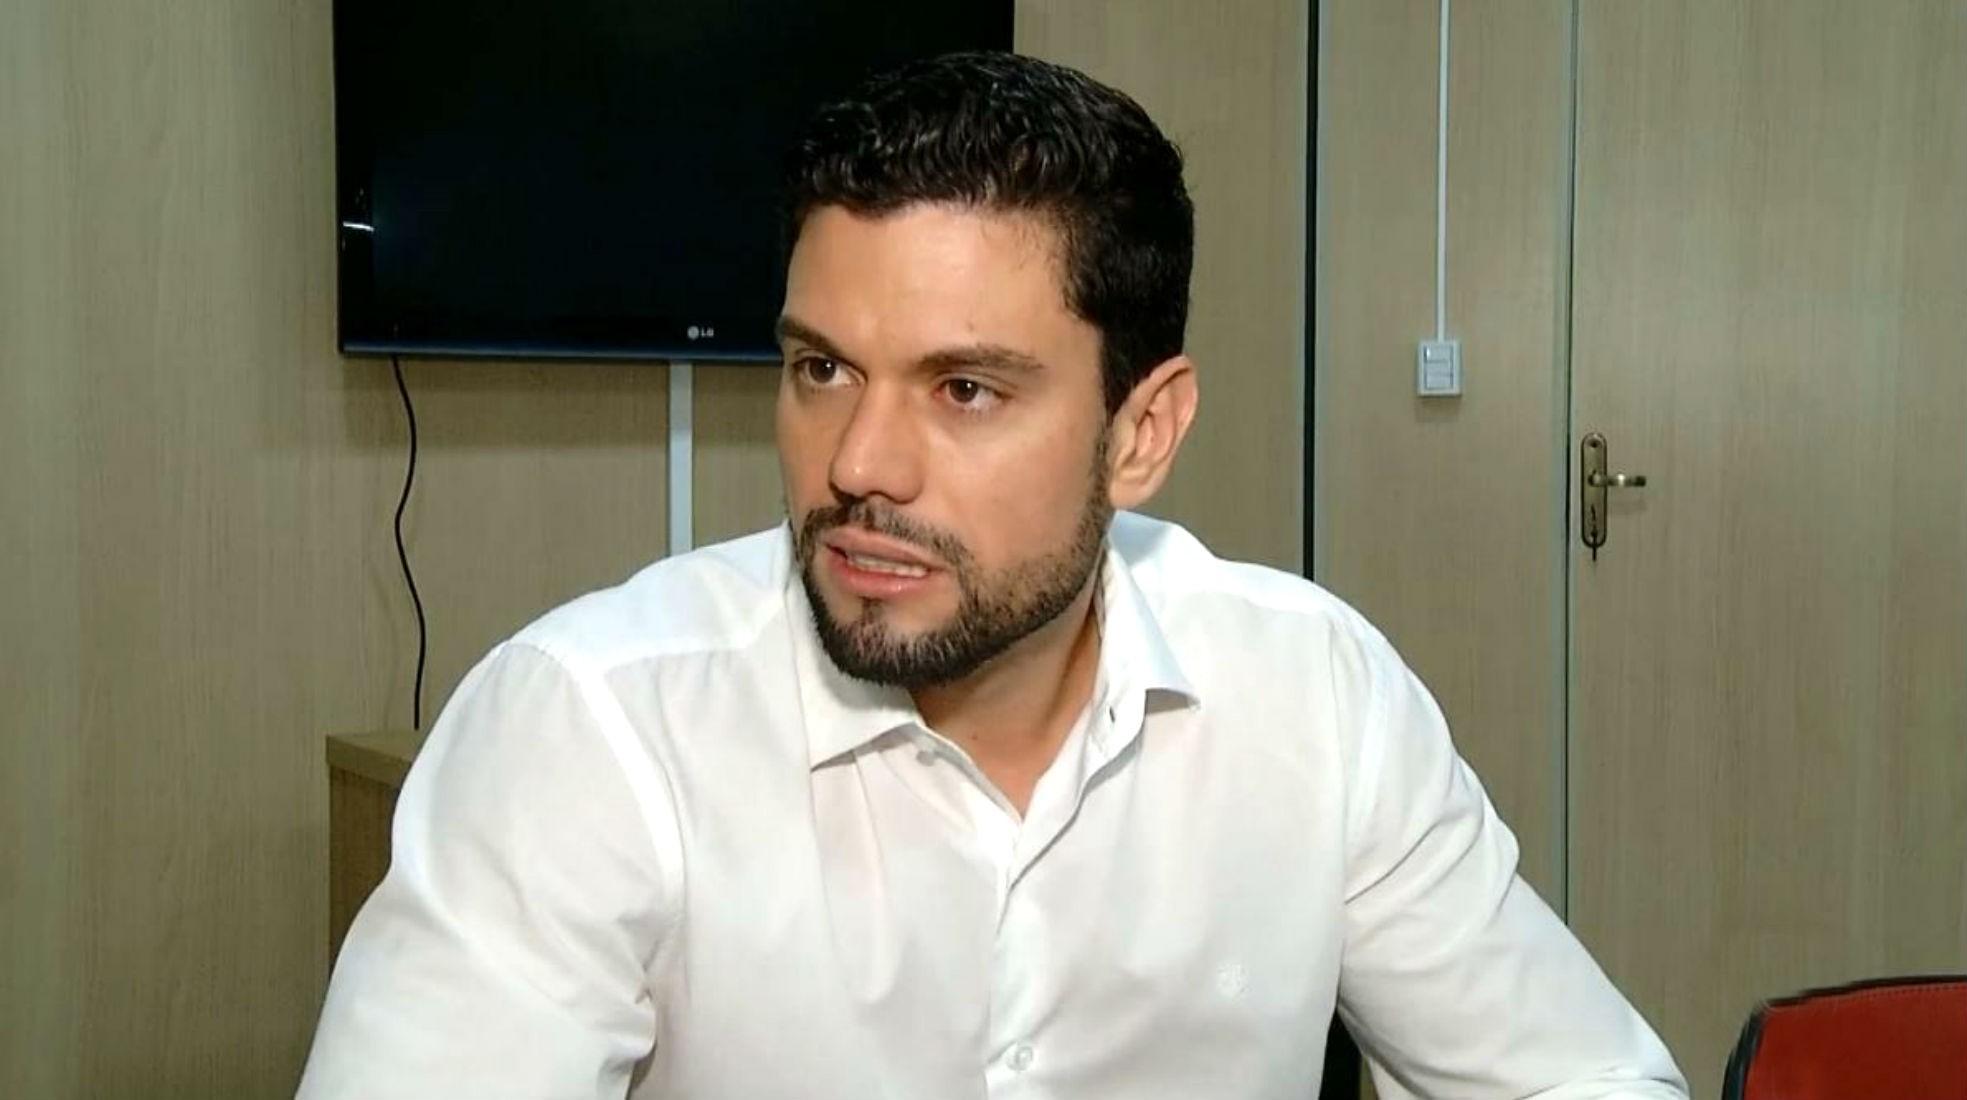 MP denuncia prefeito de Ourinhos por compra de usina móvel de asfalto que não funcionou